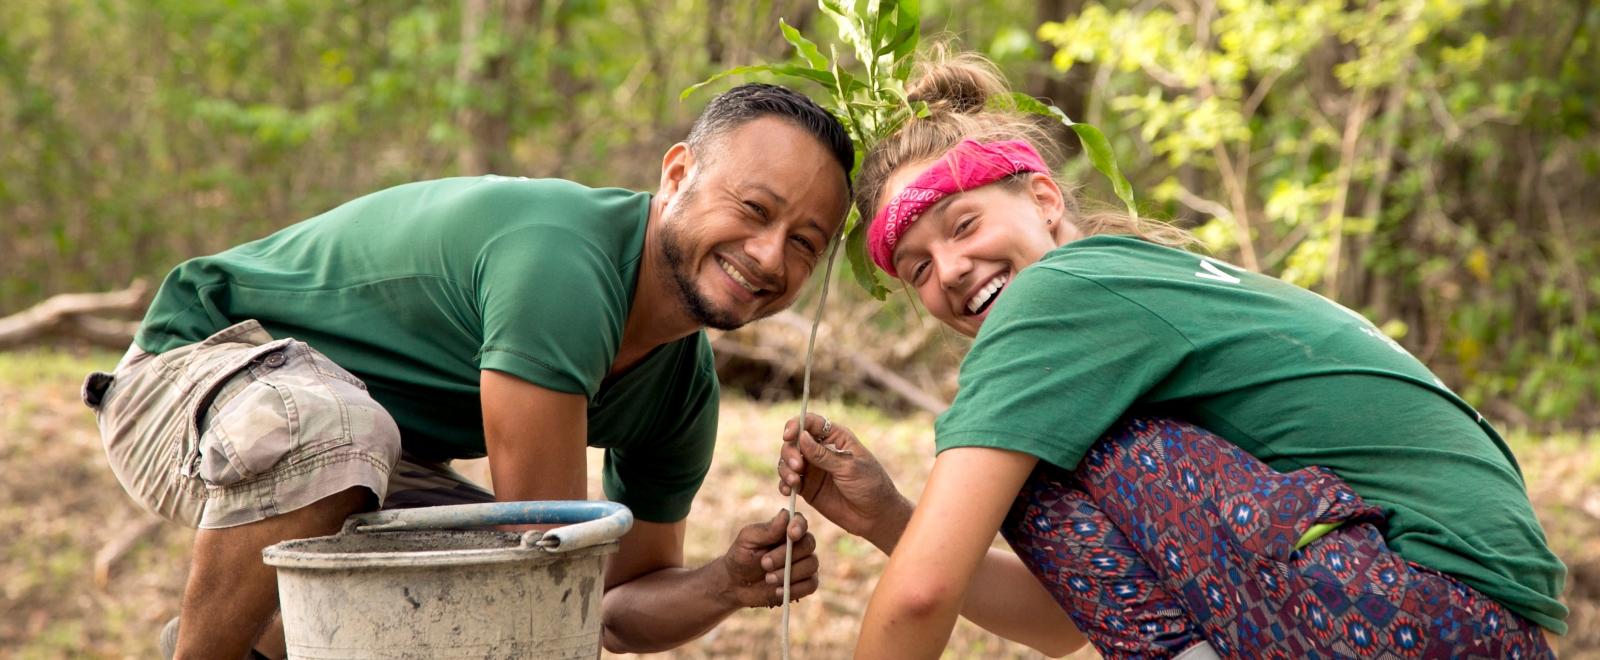 Une écovolontaire et un membre de Projects Abroad travaillent sur le programme de reforestation au Costa Rica Rica.